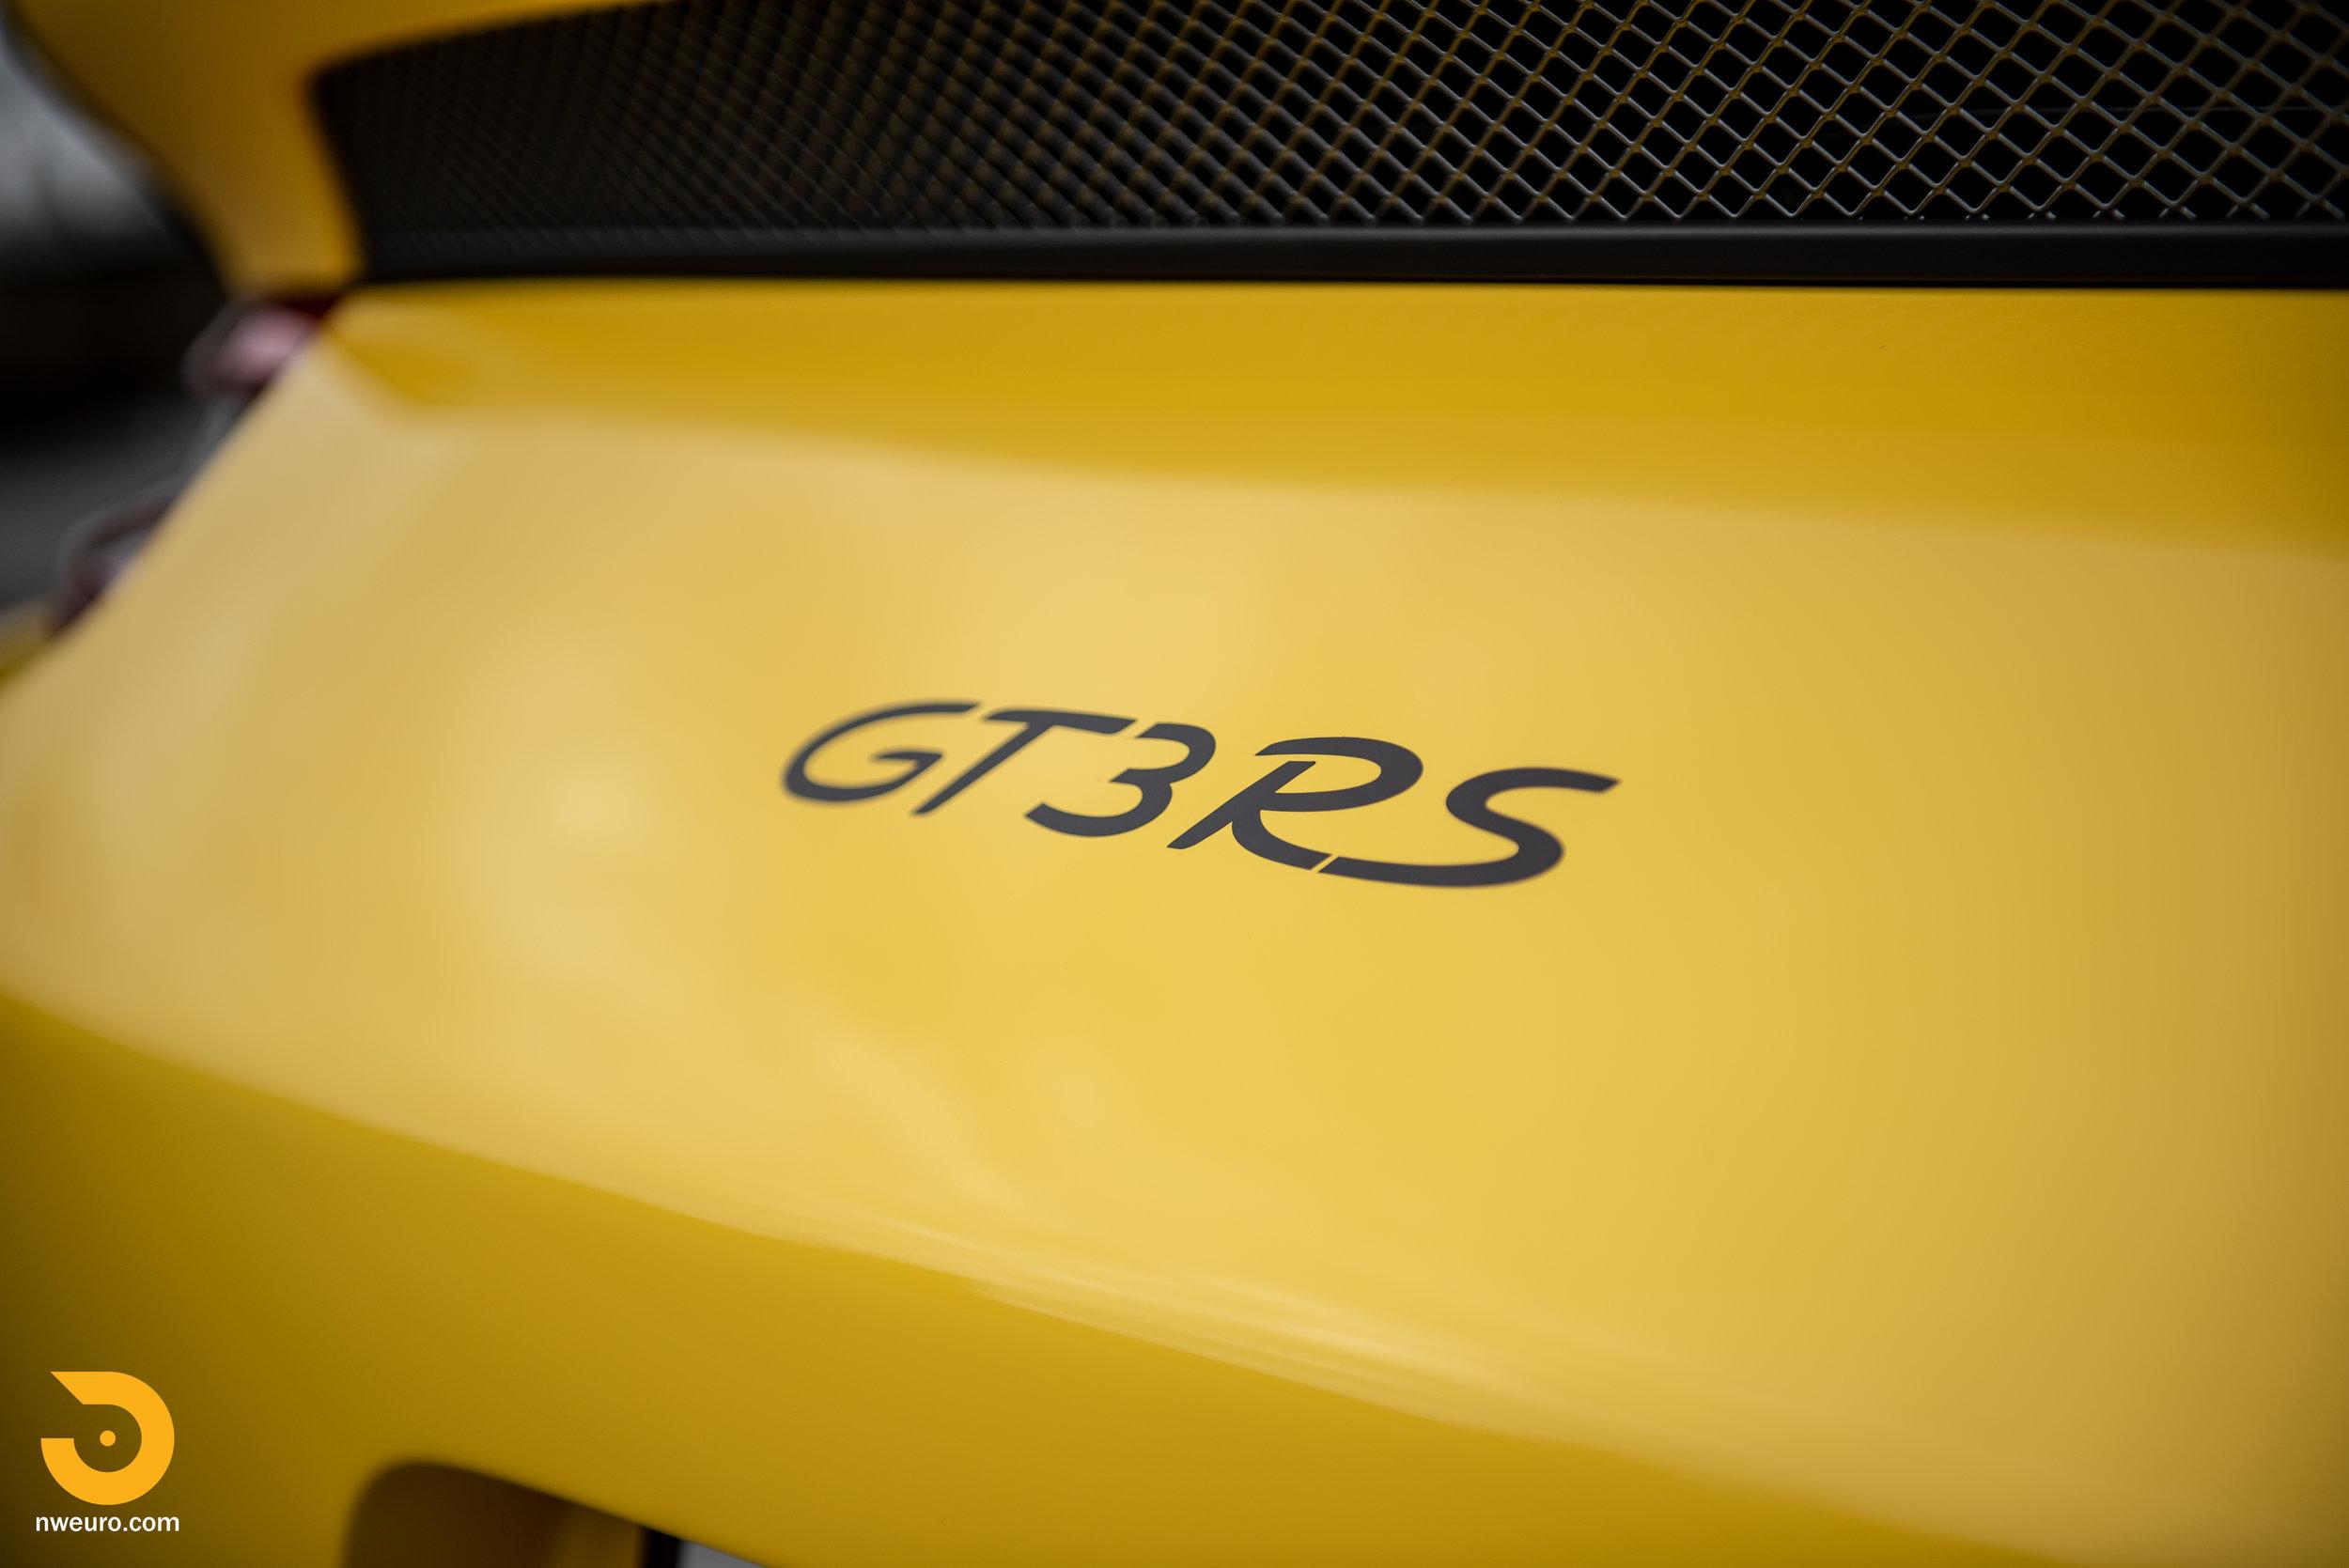 2019 Porsche GT3 RS-71.jpg